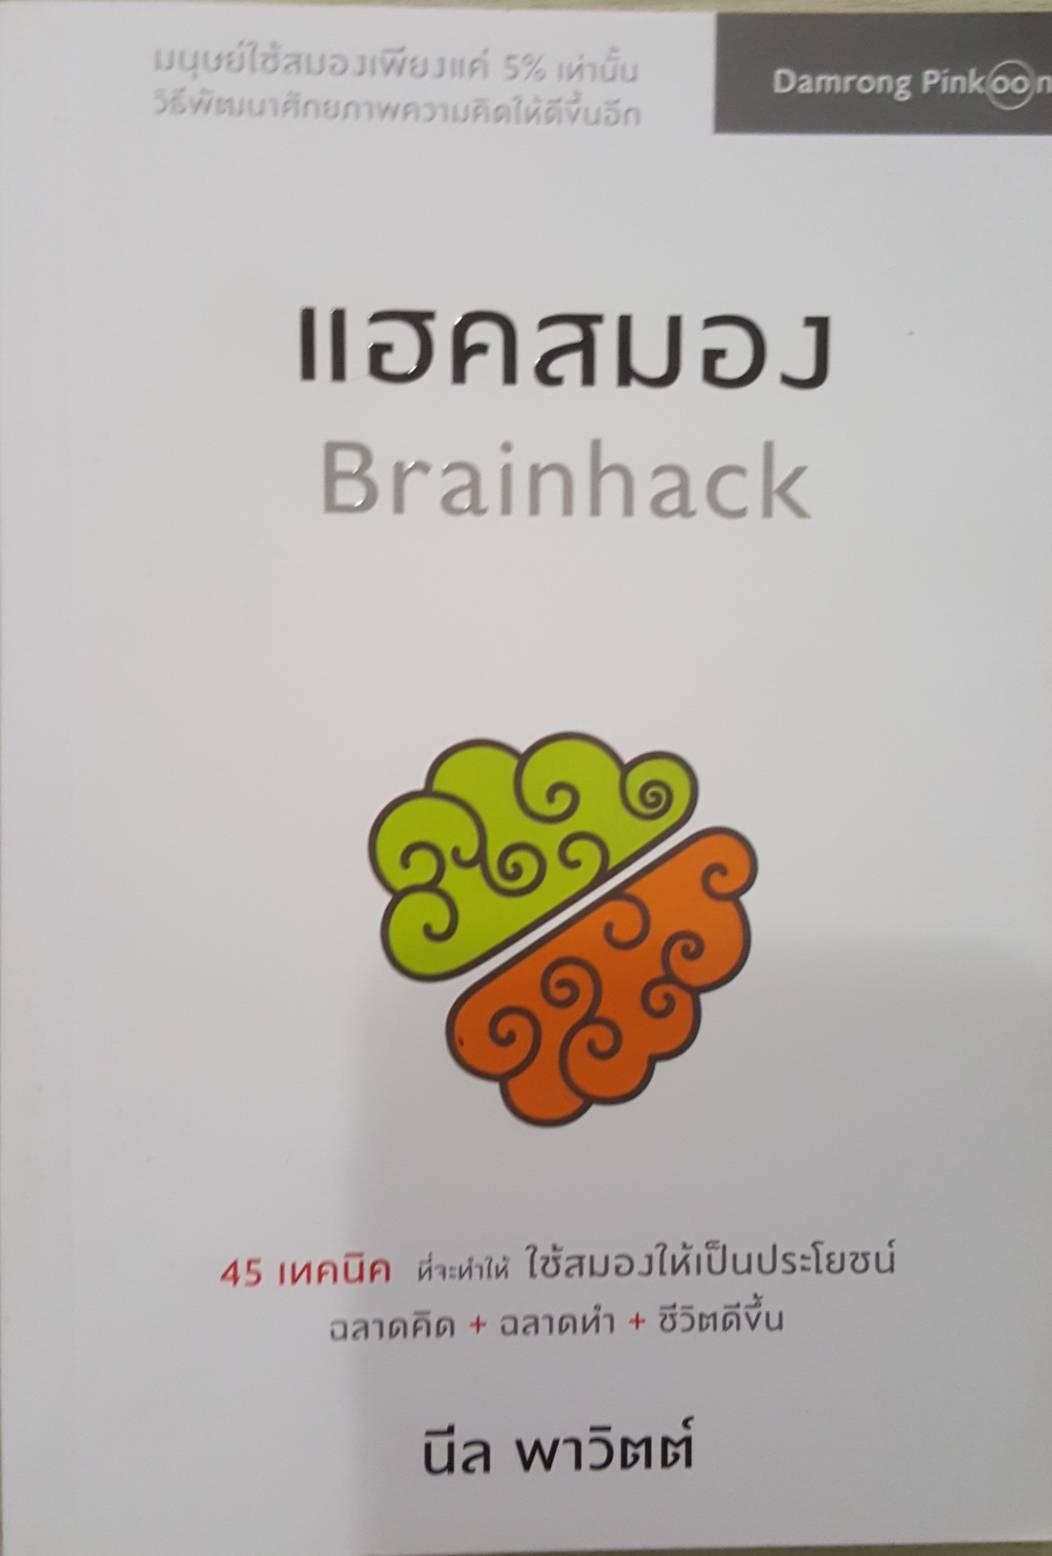 แฮคสมอง Brainhack